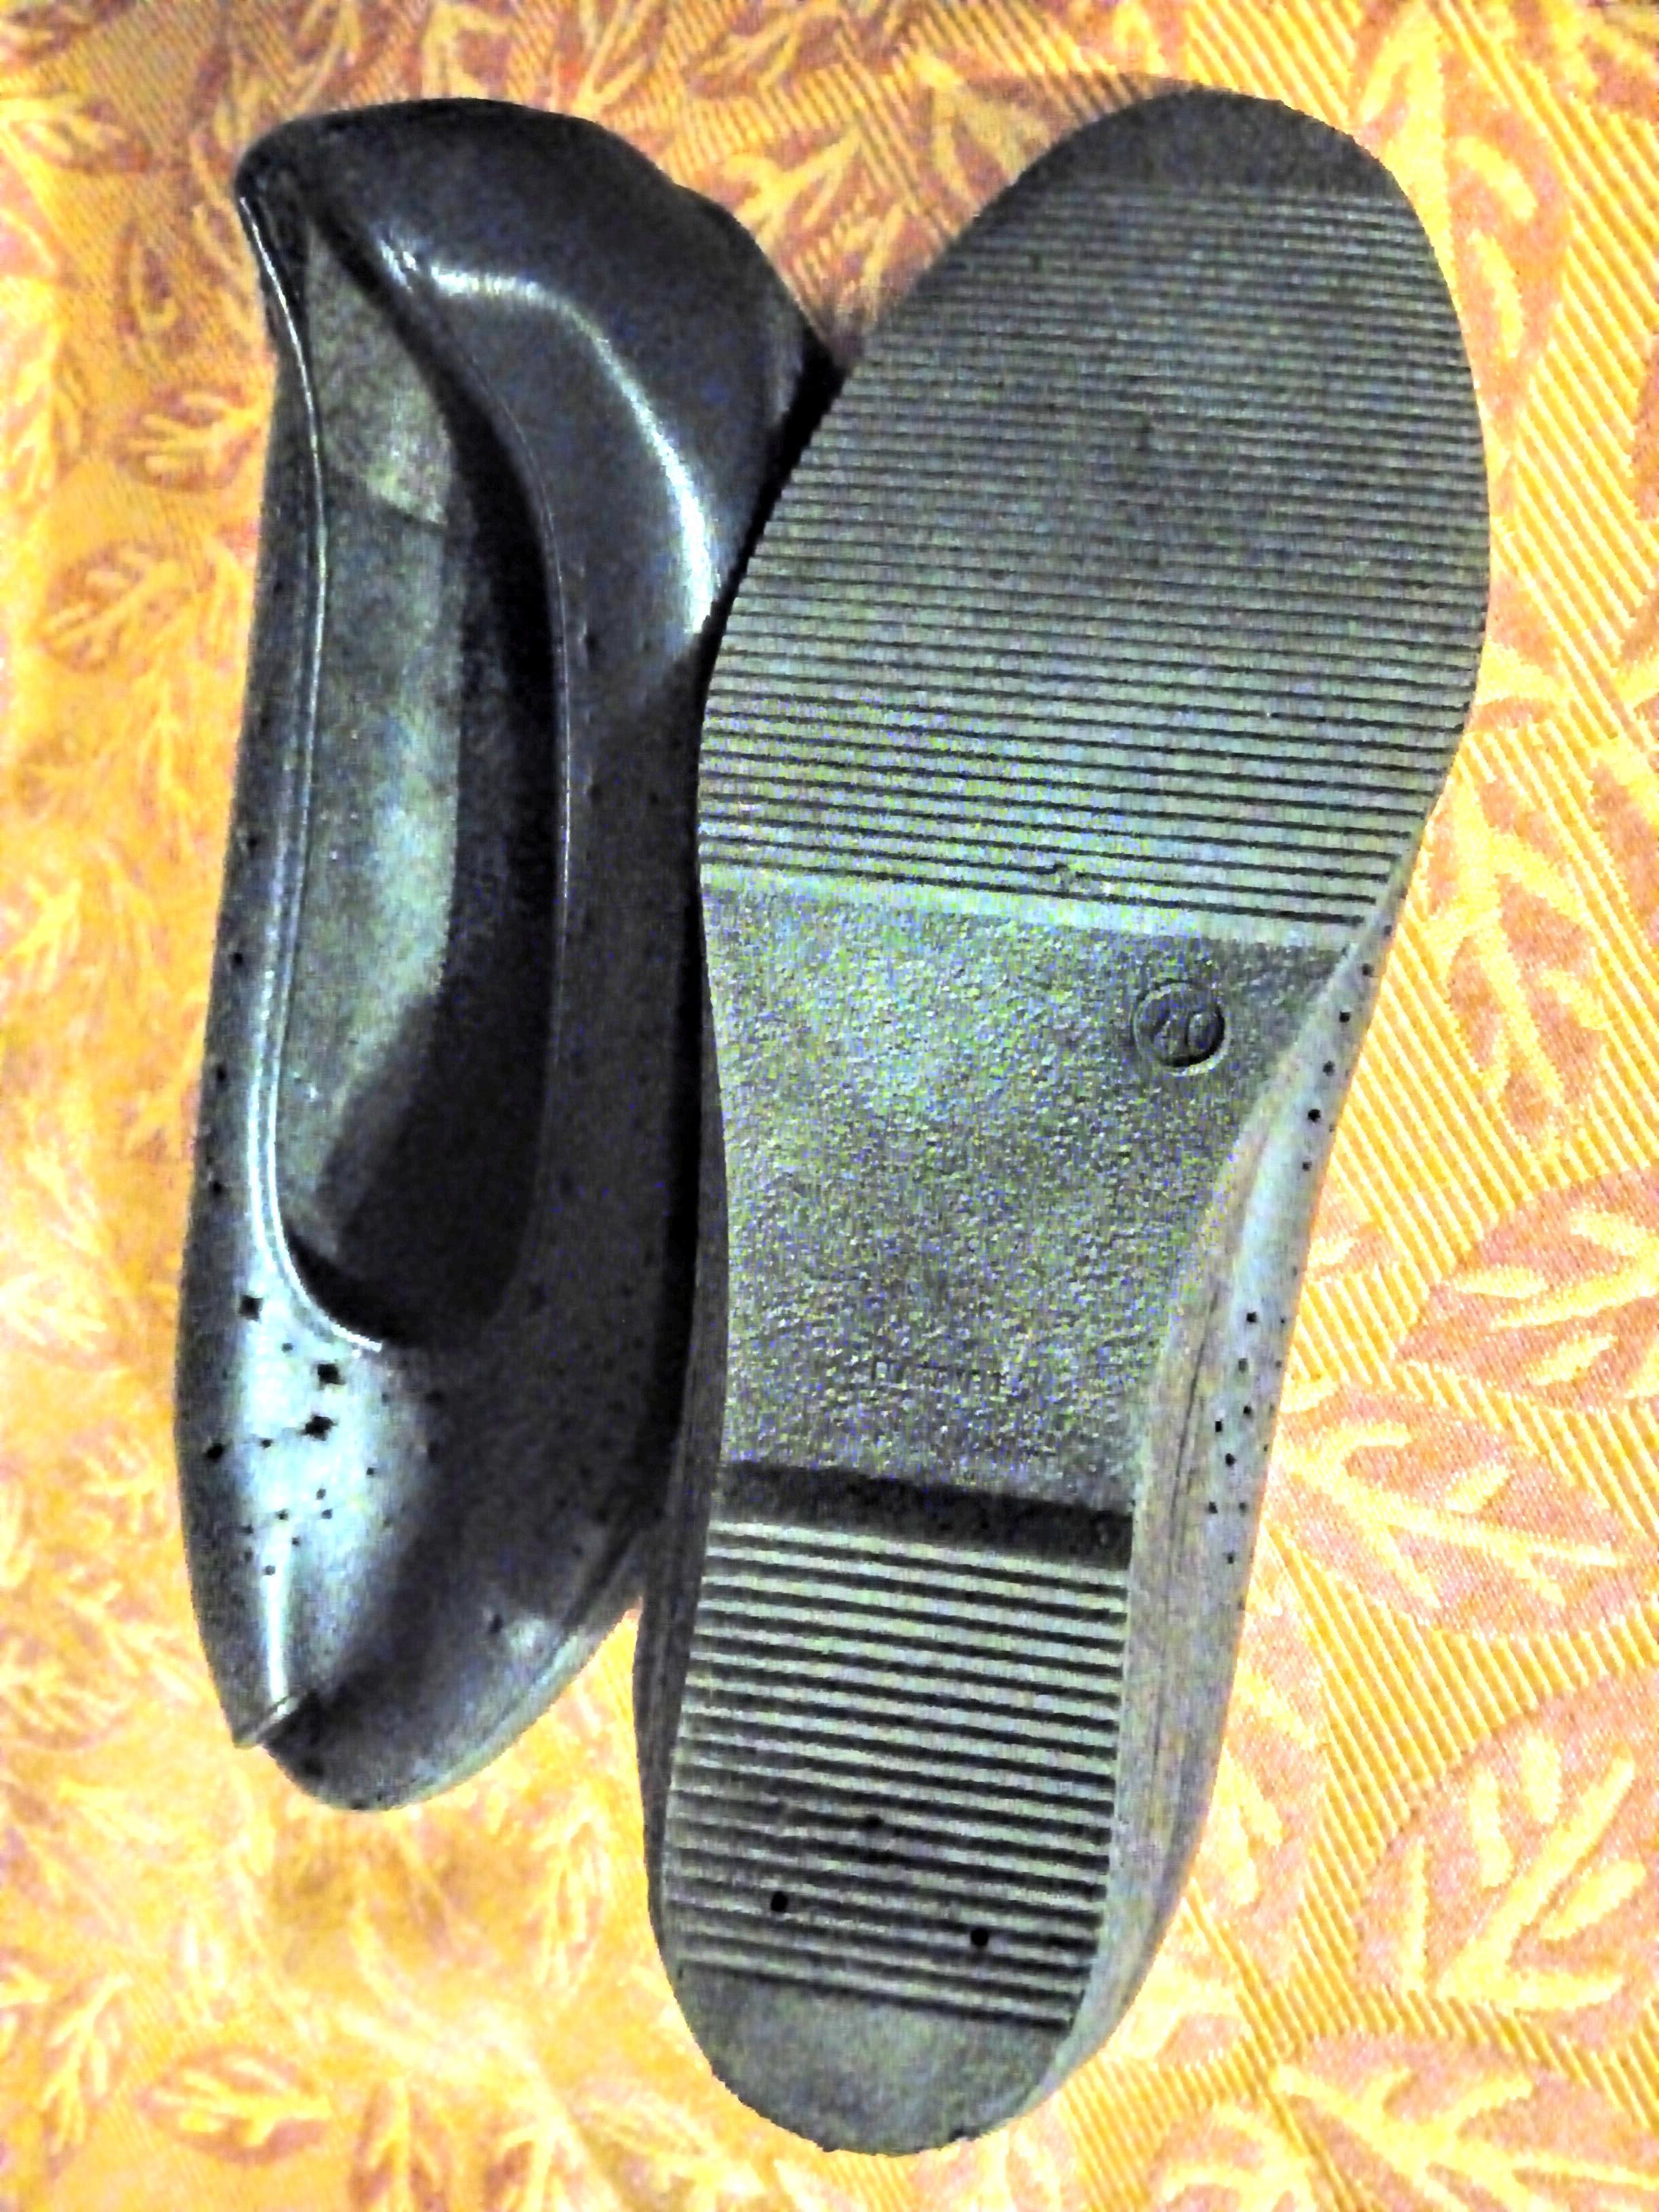 troc de troc chaussures marine t. 40 image 0